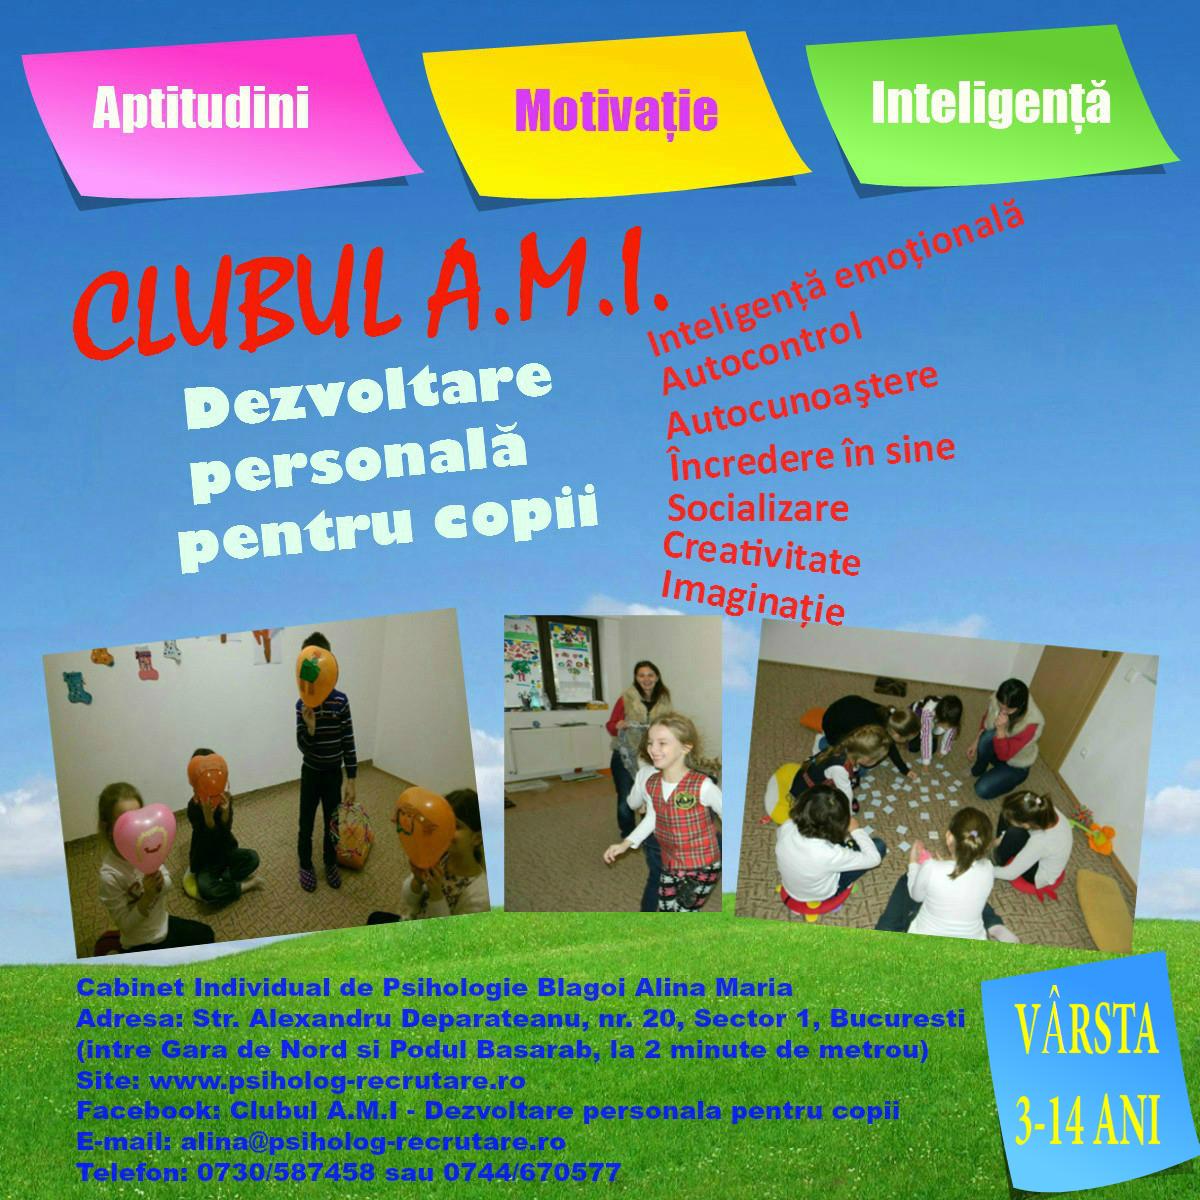 Vineri,  15 ianuarie 2016, orele 18.00 – Dezvoltare personala pentru copii – Clubul A.M.I. (aptitudini, motivatie, inteligenta)